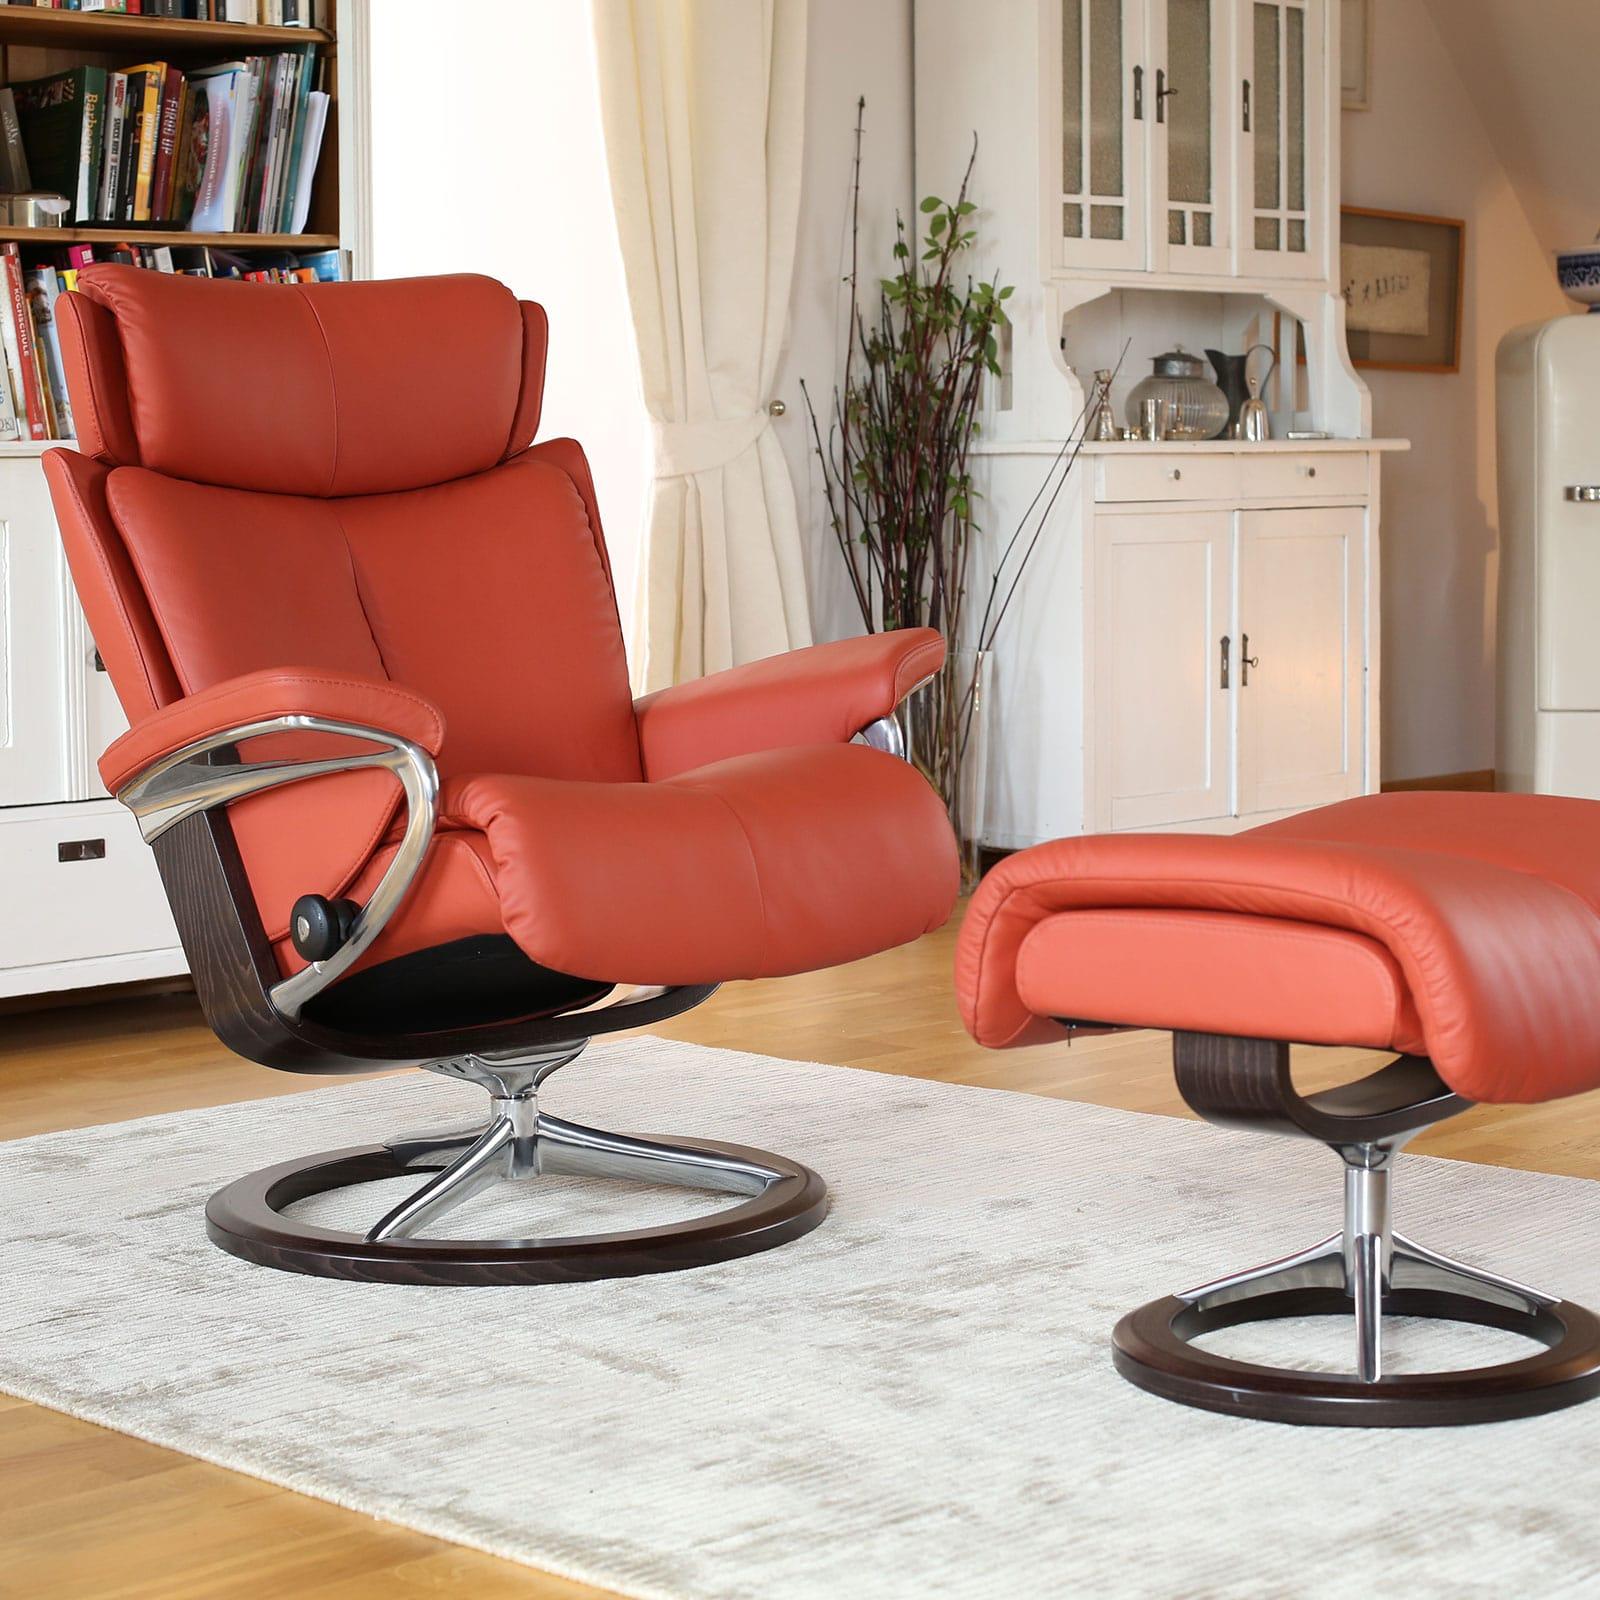 Stressless sofas preise ehausdesign stressless sofas preise parisarafo Images